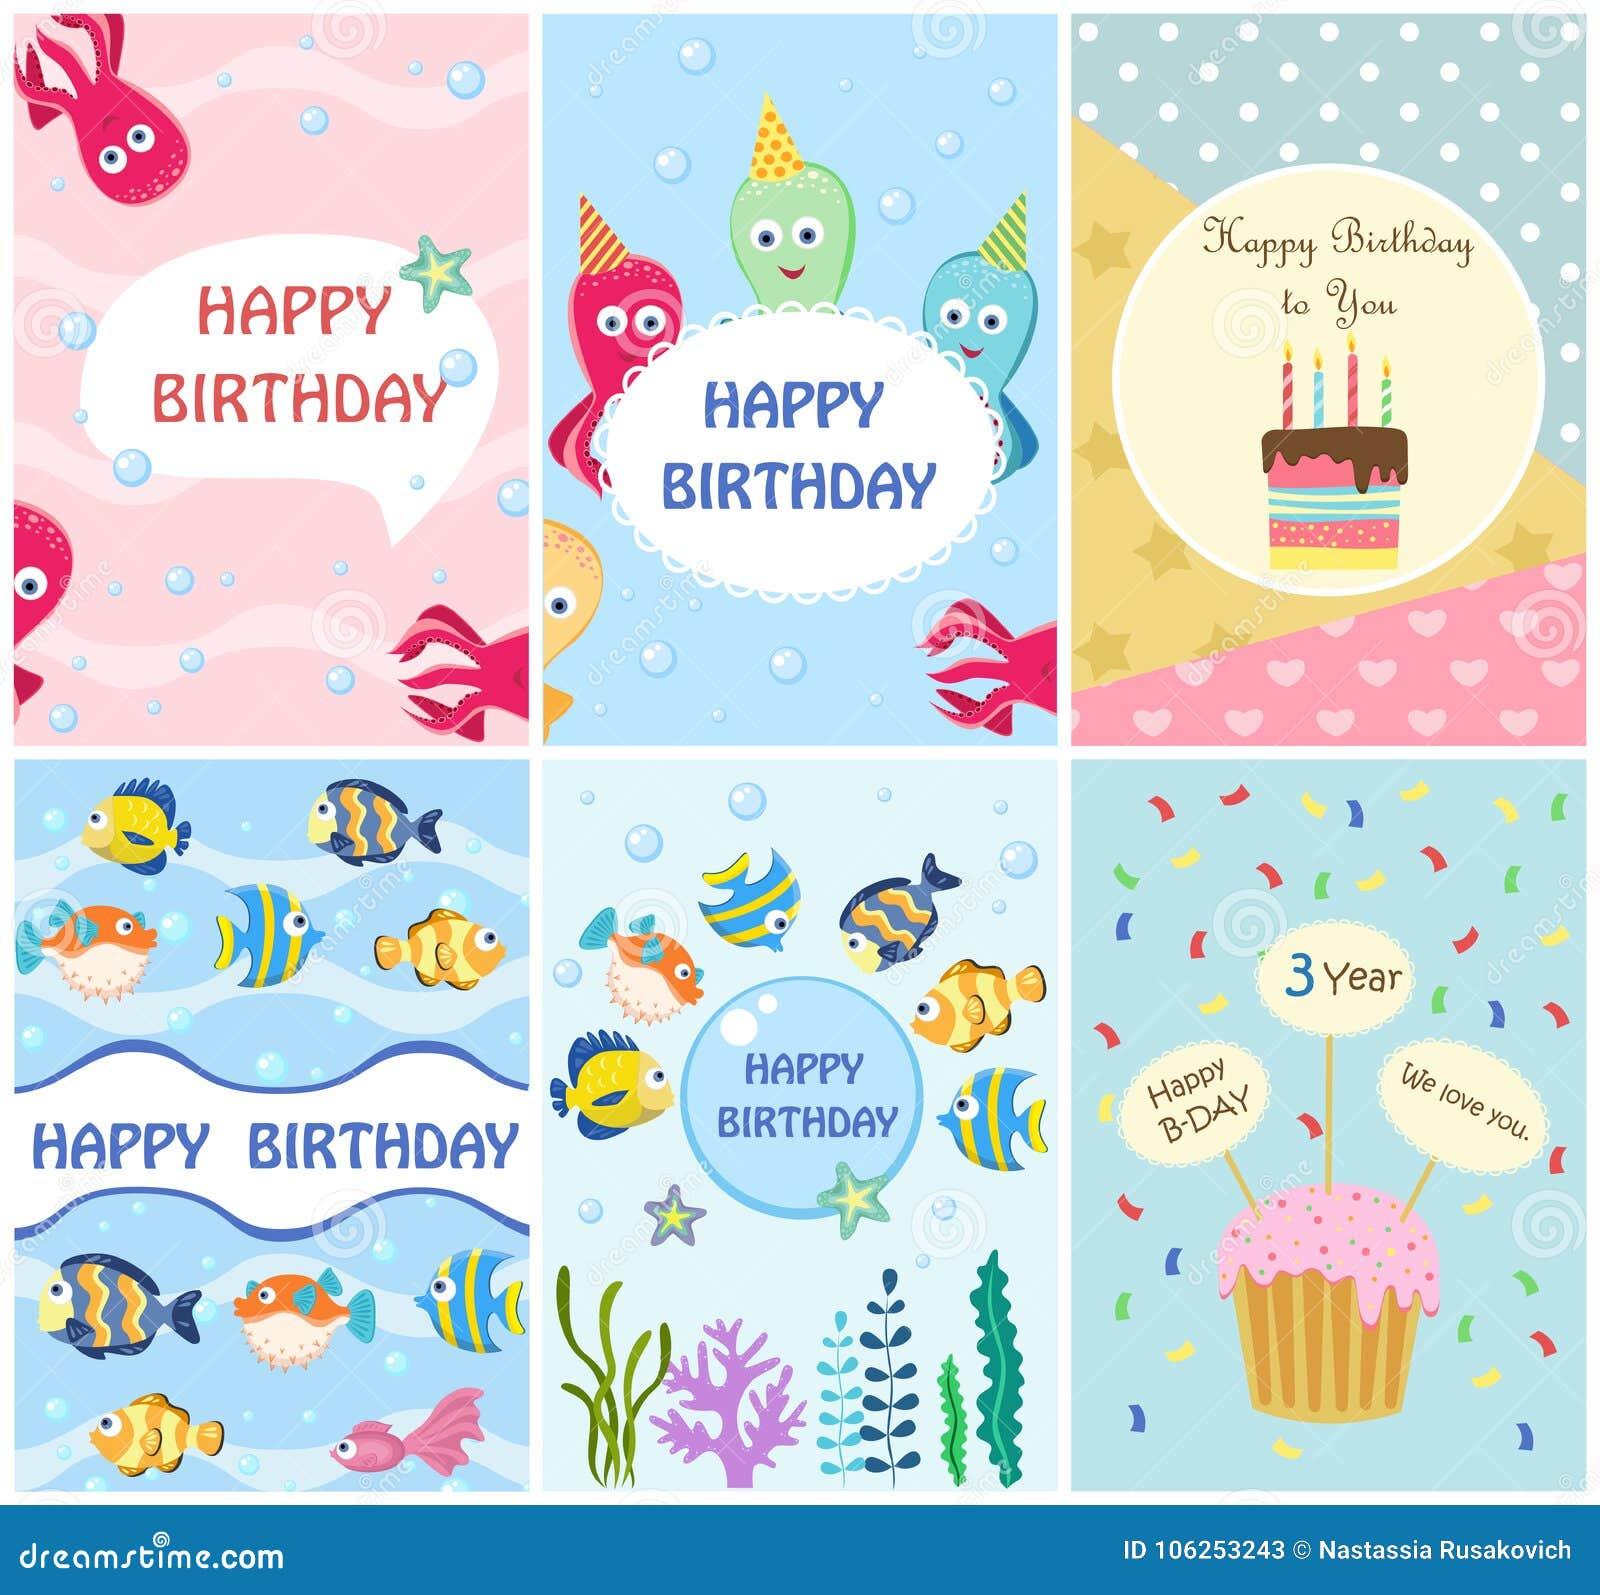 För hälsningkort för lycklig födelsedag mallar och partiinbjudningar, uppsättning av vykort